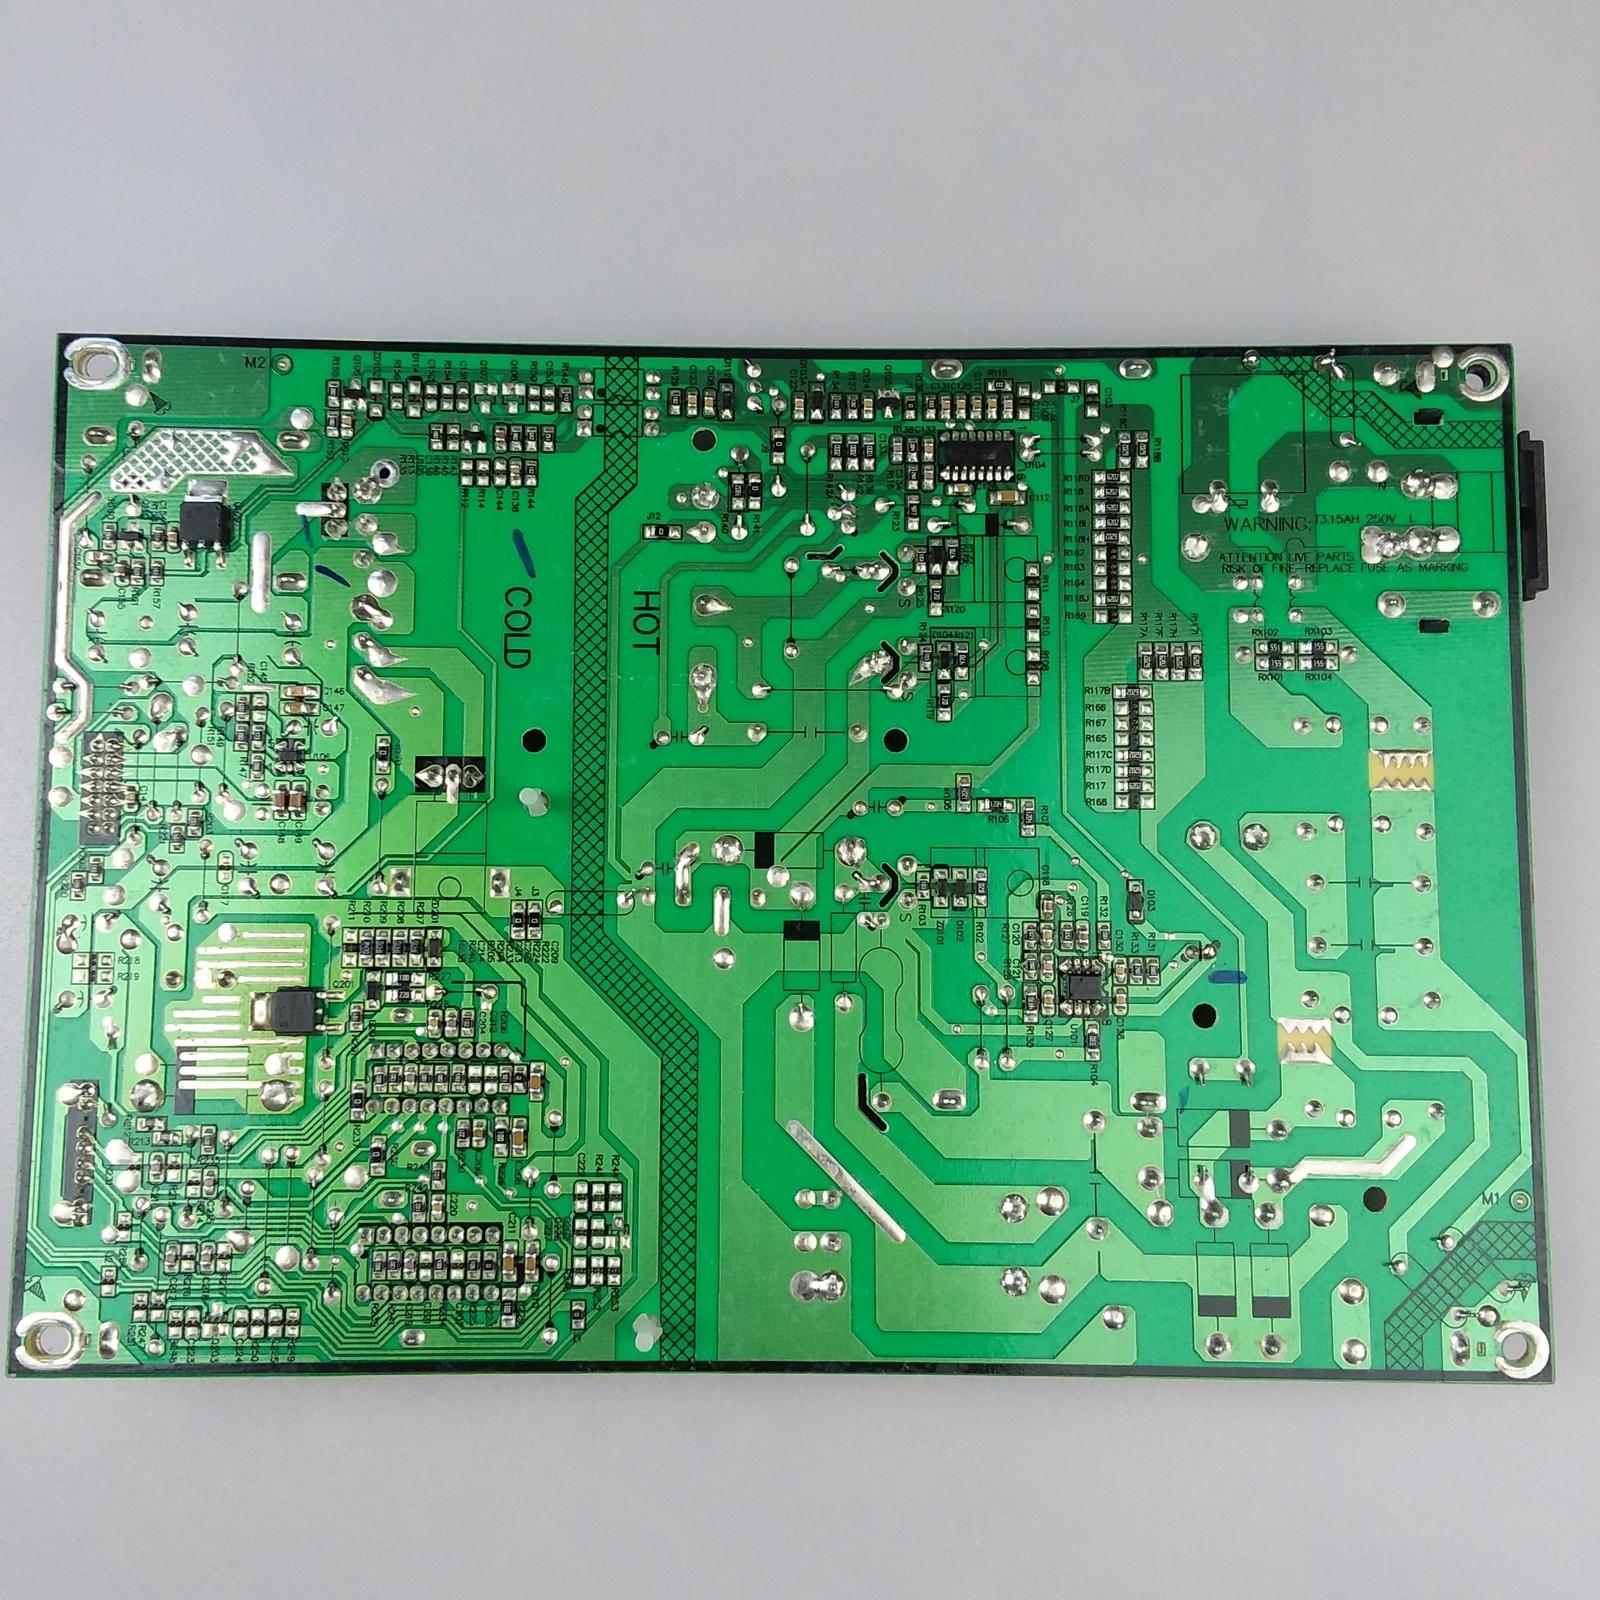 TCL 81-PBE055-H11 (SHG5504B-101H, CQC10001044561) Power Supply Board